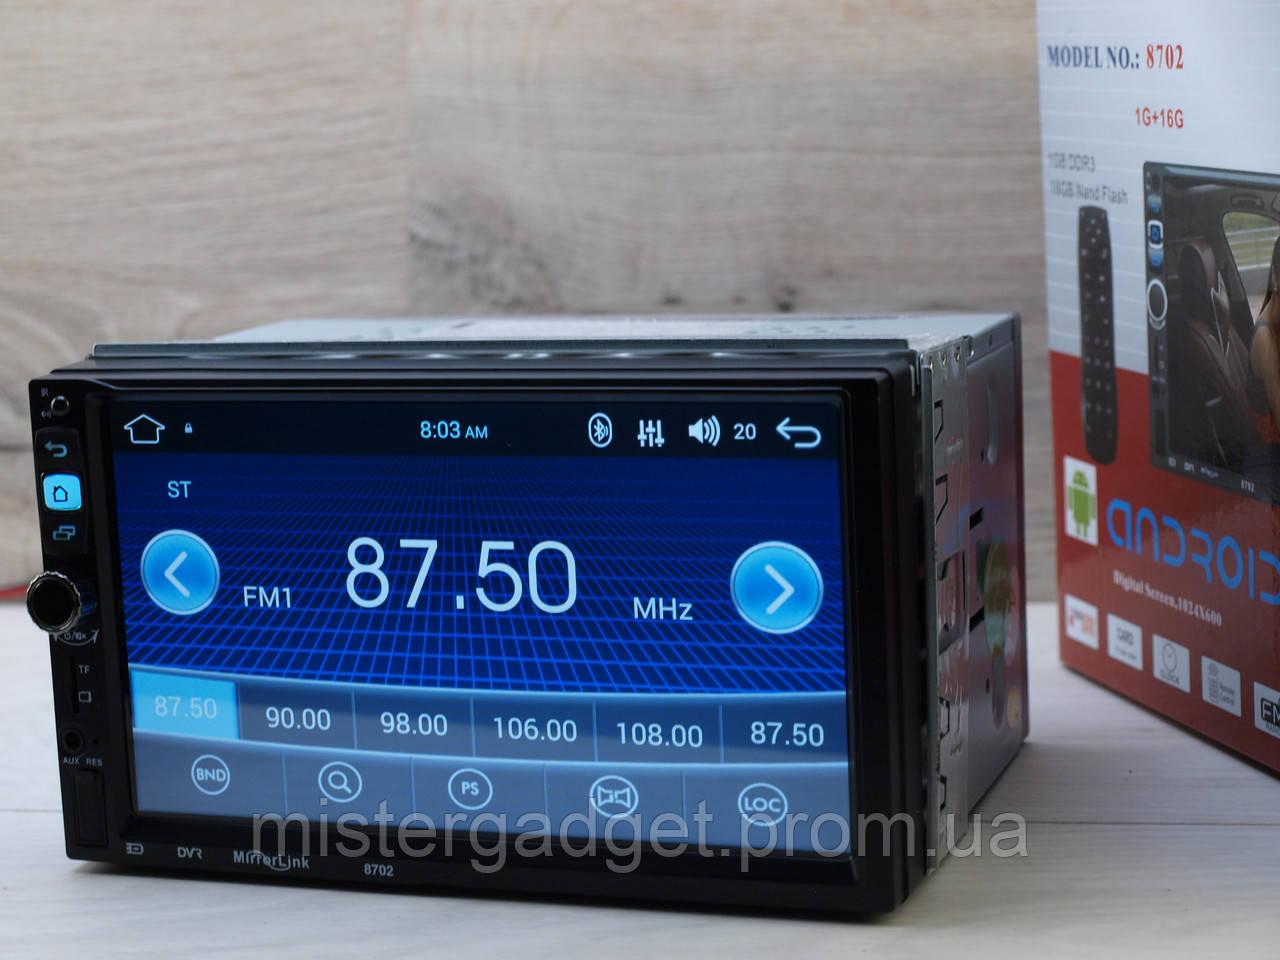 Автомагнитола 2din Pi-8702 Android